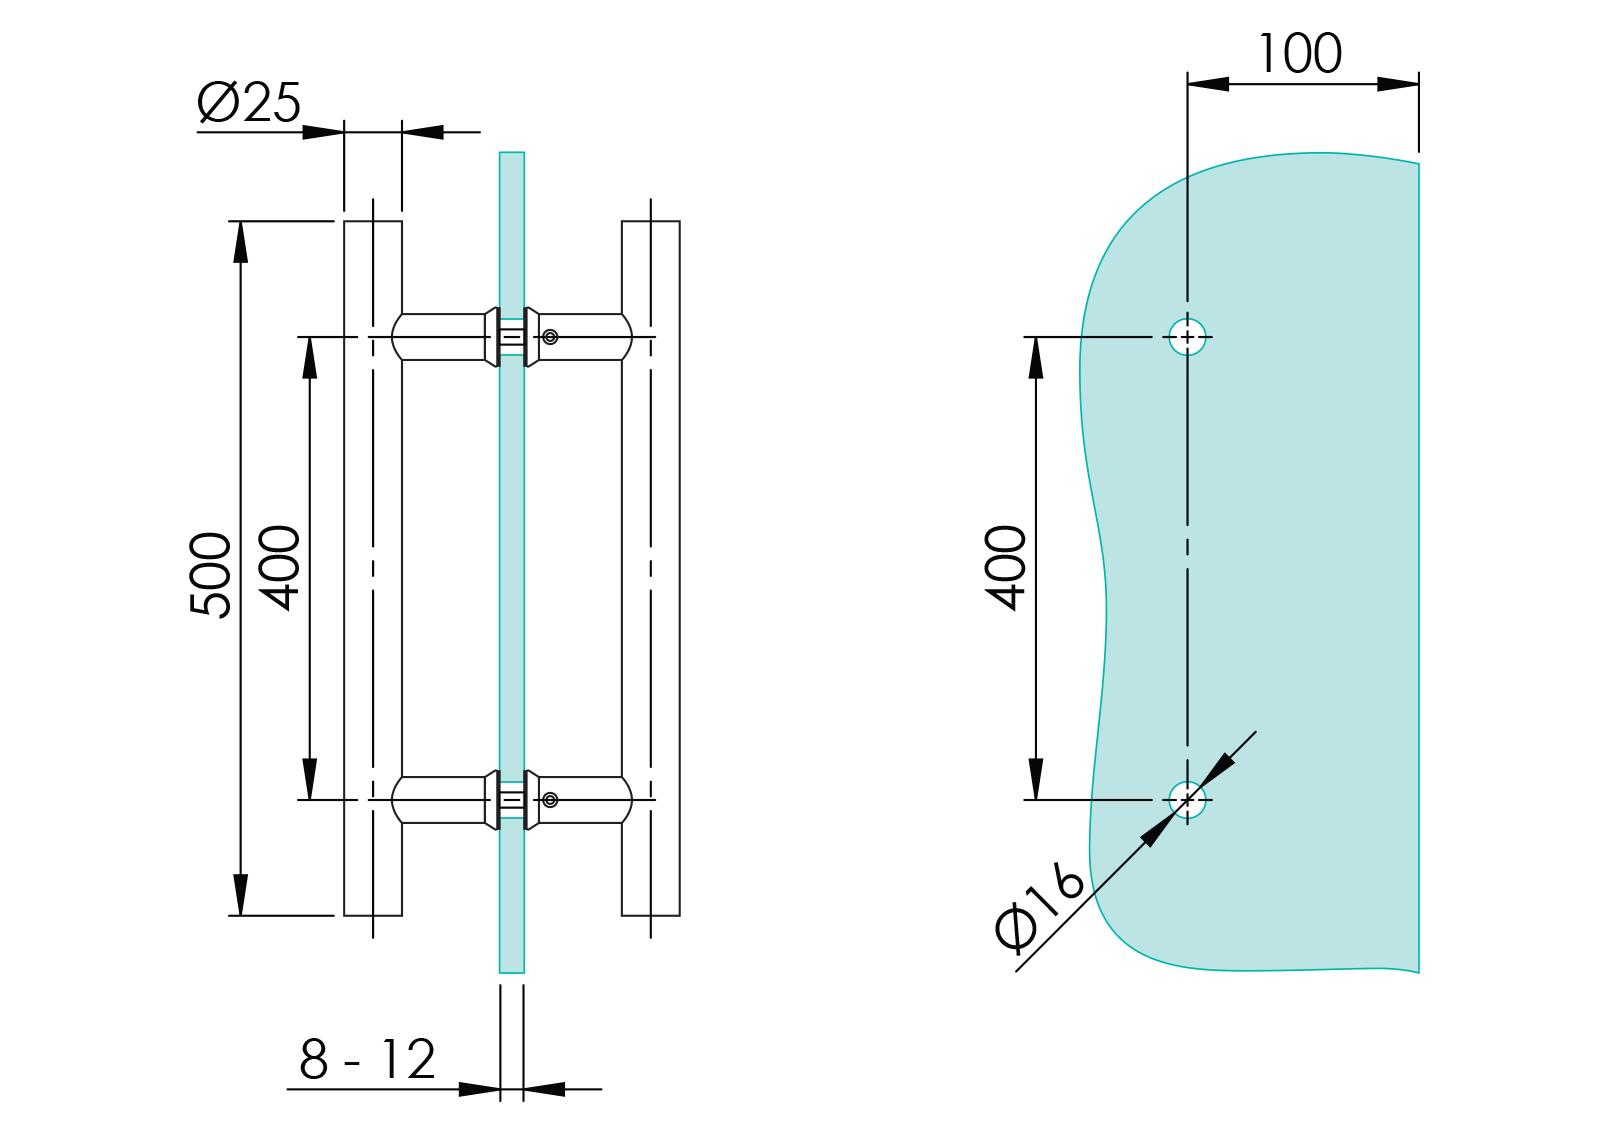 GS-304/M1-25-500 - Crtež za rukohvat Ø25